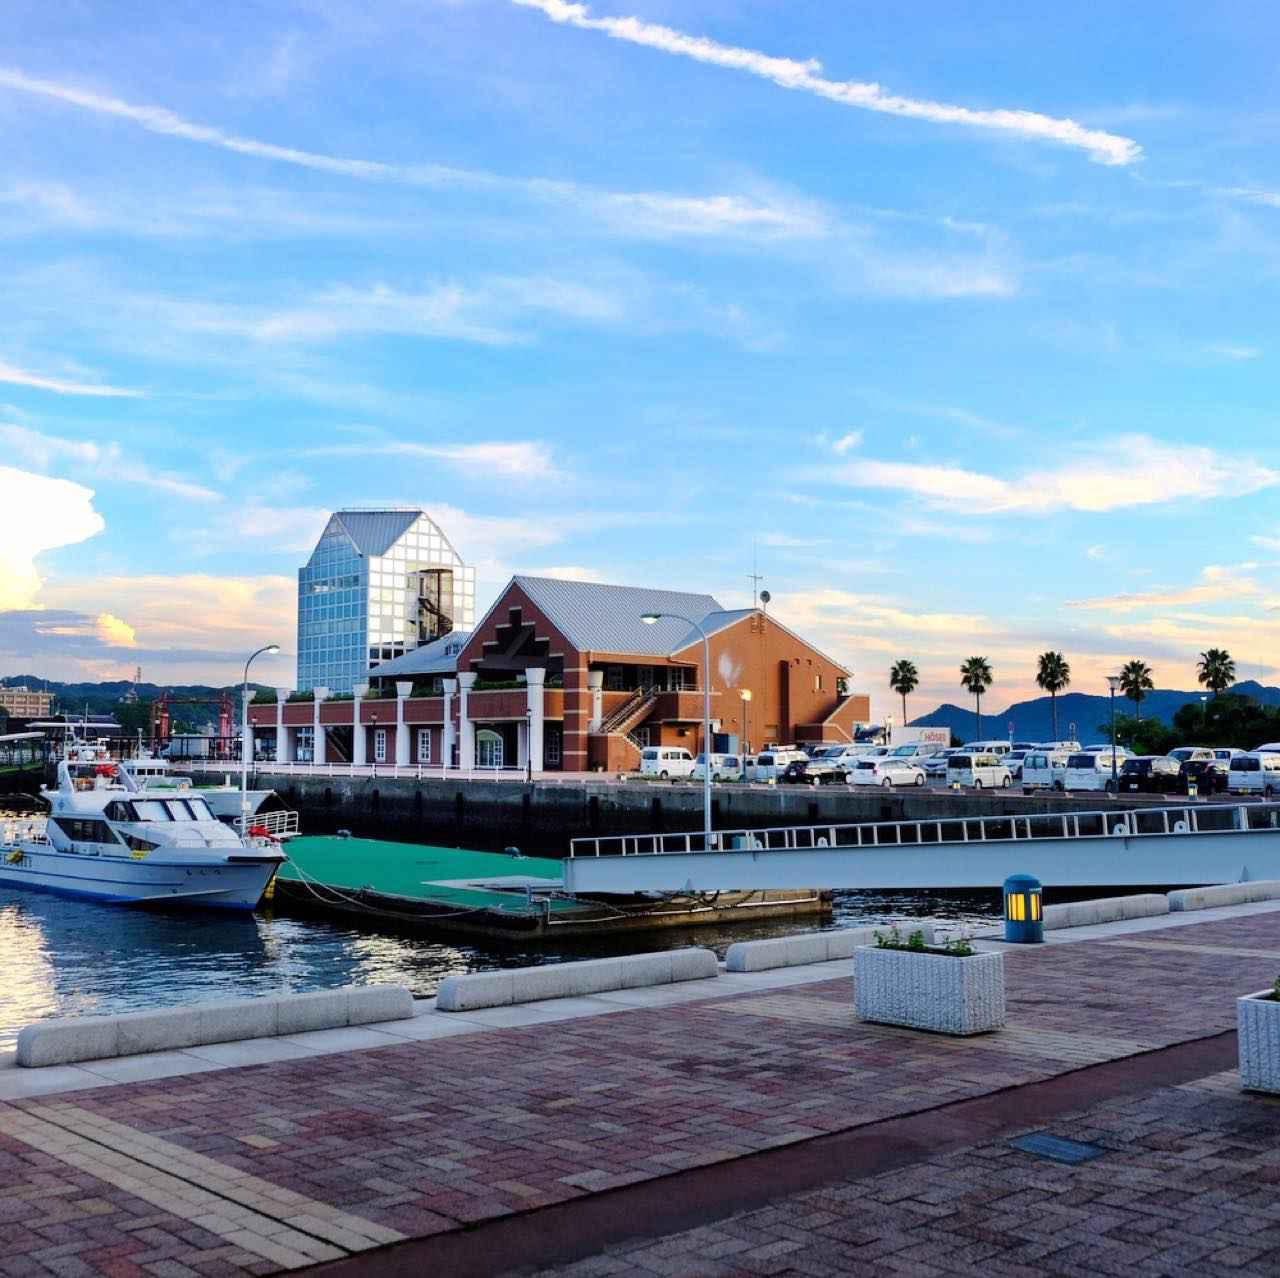 画像: 佐世保港は佐世保駅からもアクセスが良く、ショッピングモールなどもあって賑やかな場所です。のんびりとお散歩する人、景色を眺めながらお茶する人など、観光客だけでなく市民の憩いの場として親しまれていました。